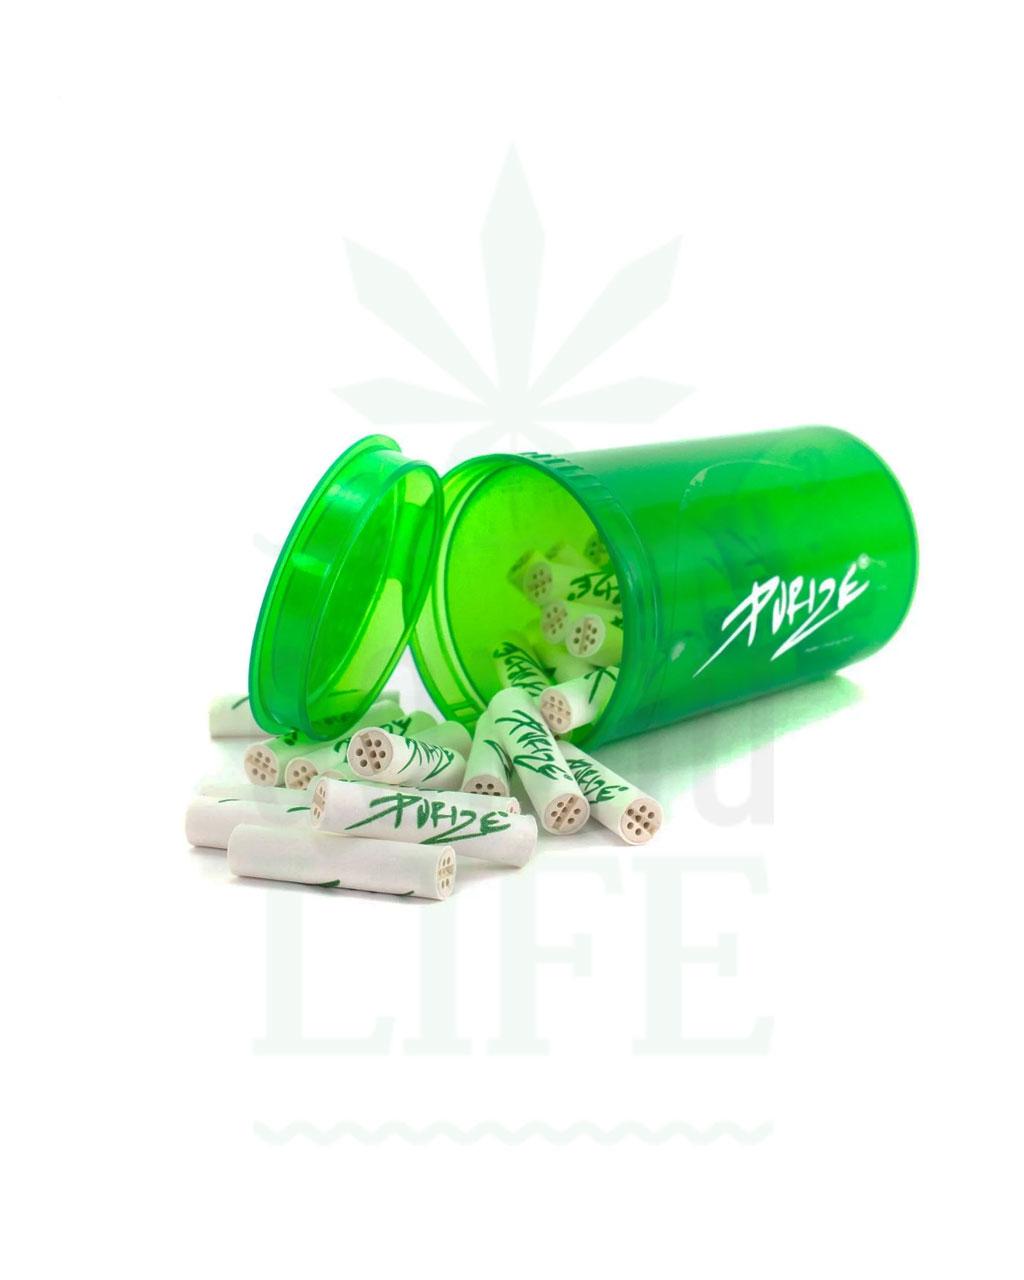 Aktivkohlefilter PURIZE® XTRASlim Aktivkohlefilter + Pop Up Bottle | 33 Stück